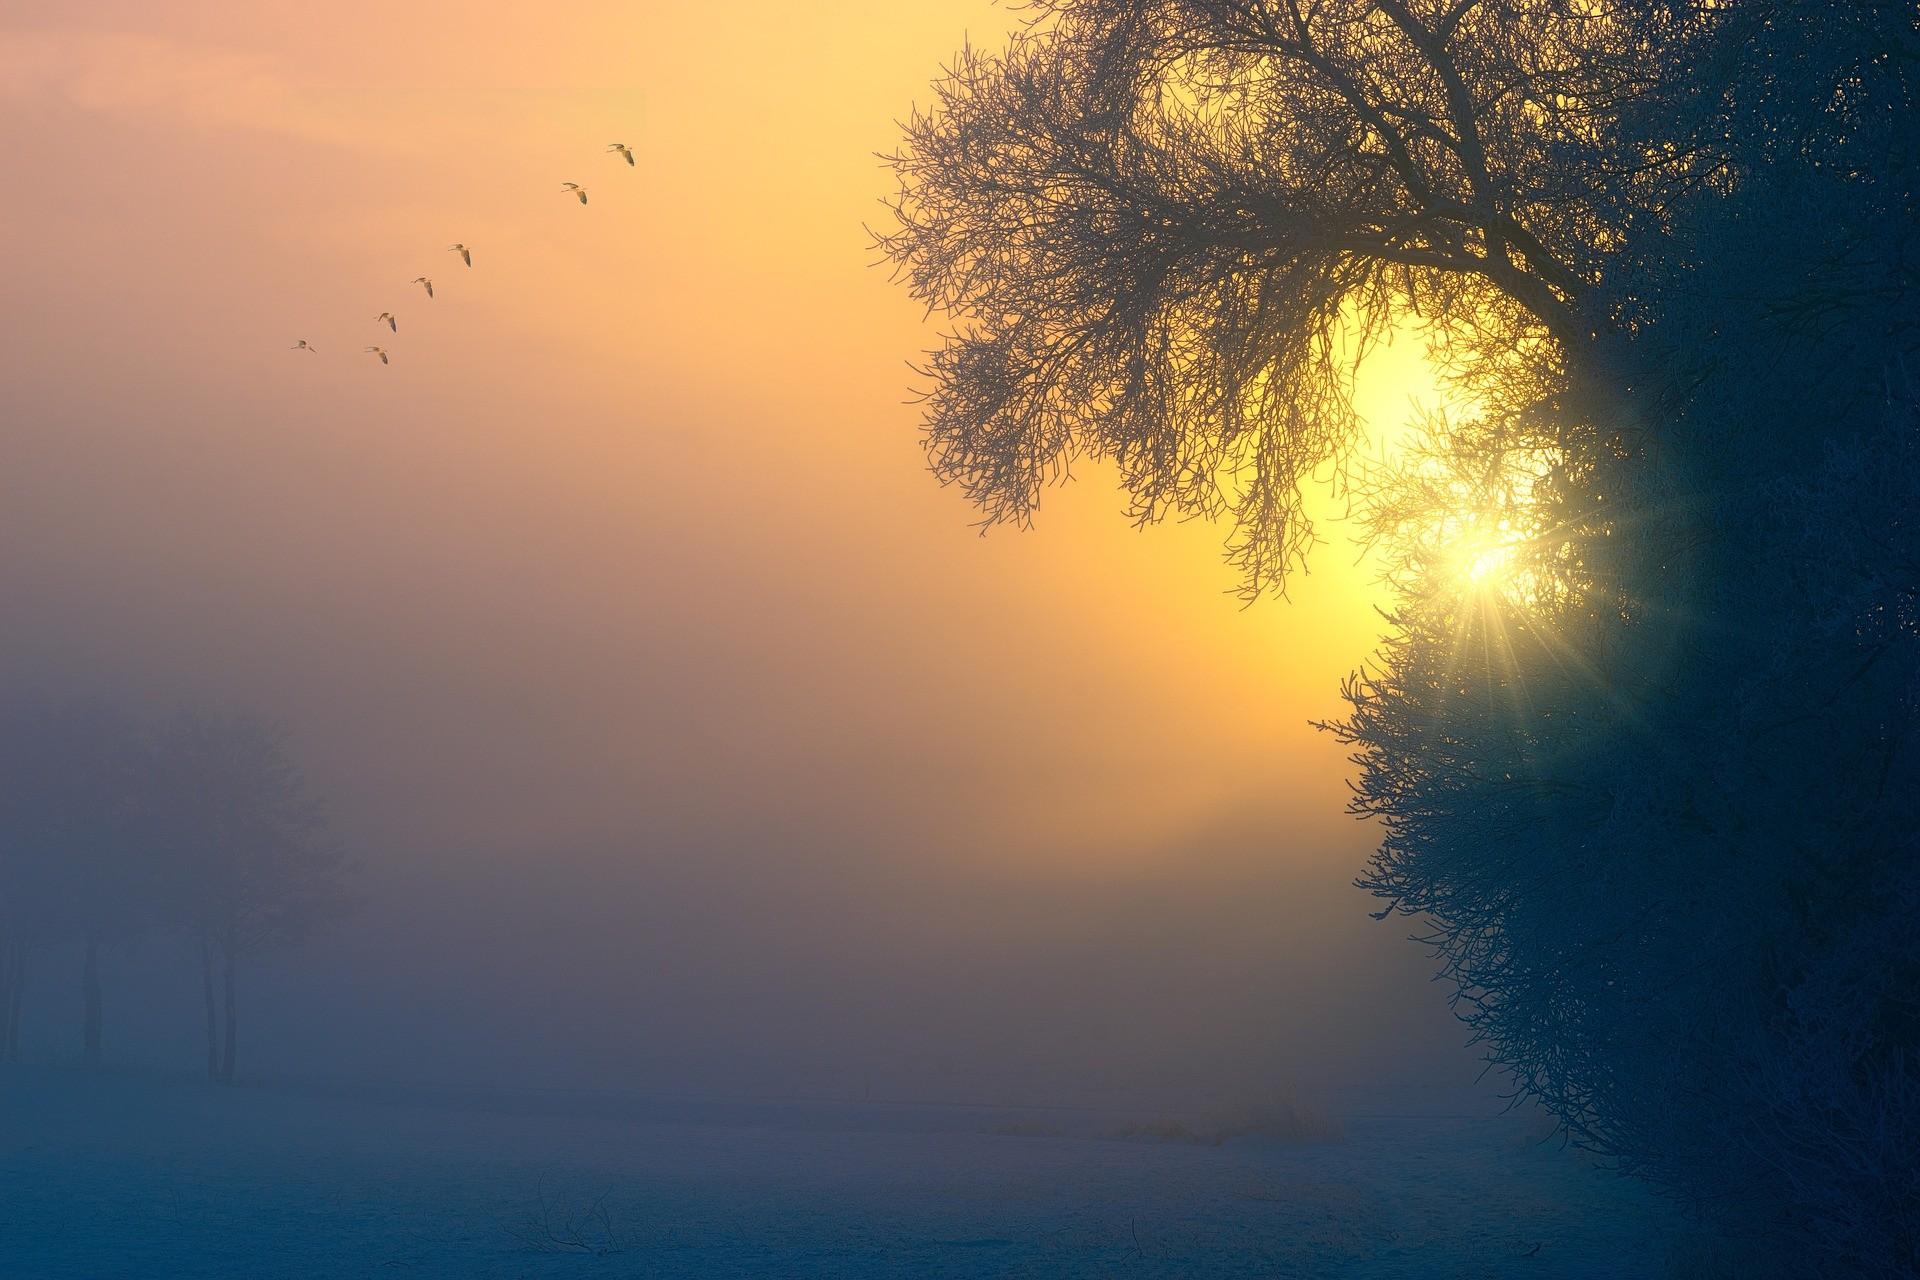 fog 3196953 1920